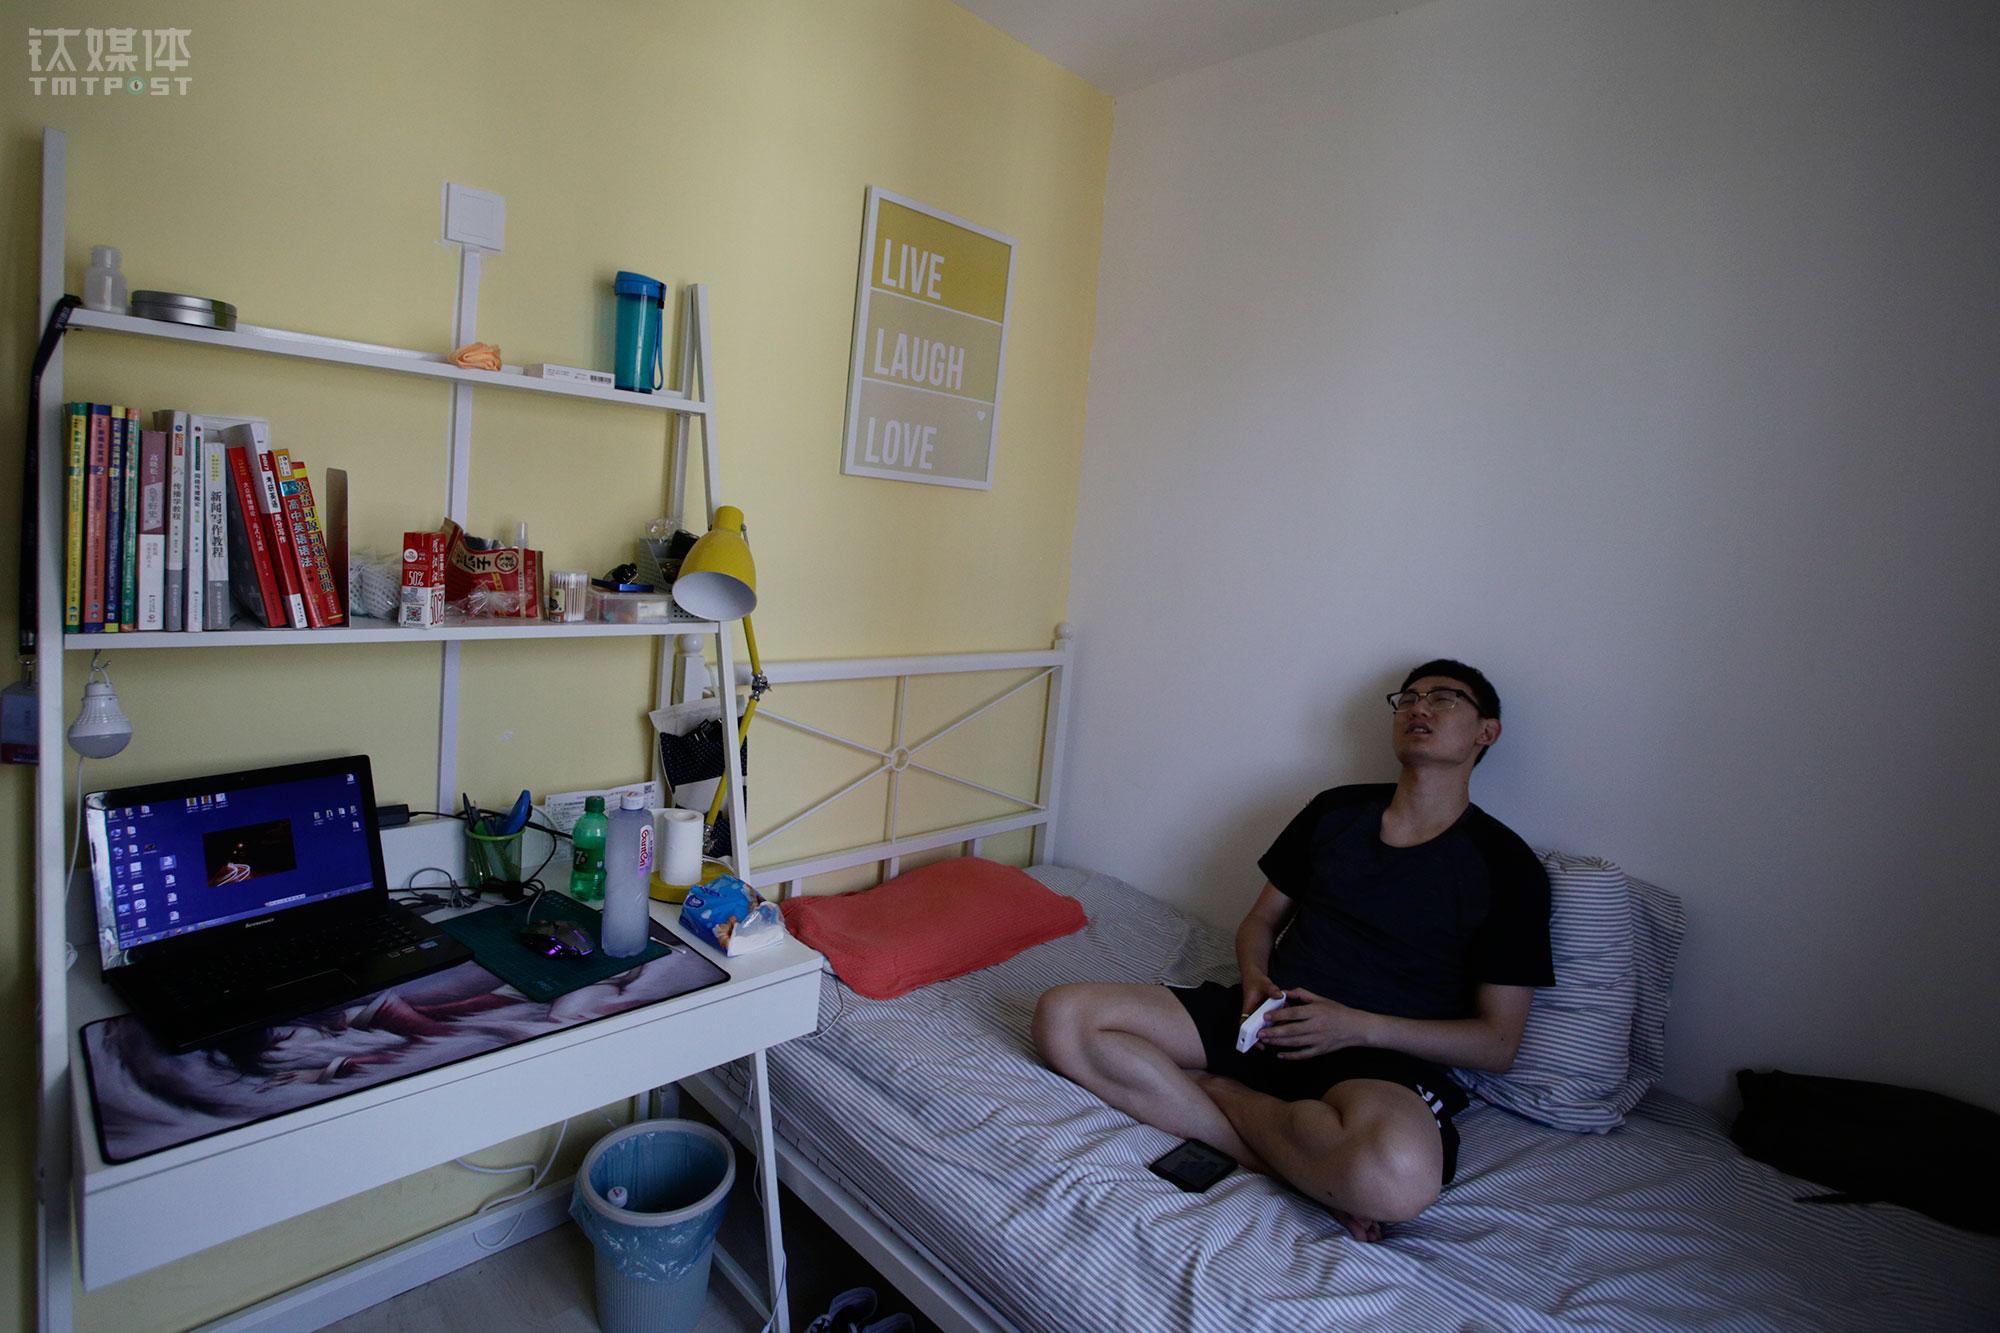 """他搬离了最初落脚的西北旺,公司和他搬家后住的地方相隔不到3公里,这个距离公司会给他一笔房补。端午节,他回了一趟家,用自己刚拿的工资给父母买了点礼物。""""希望自己能在工作中学到更多东西。""""小林说。"""